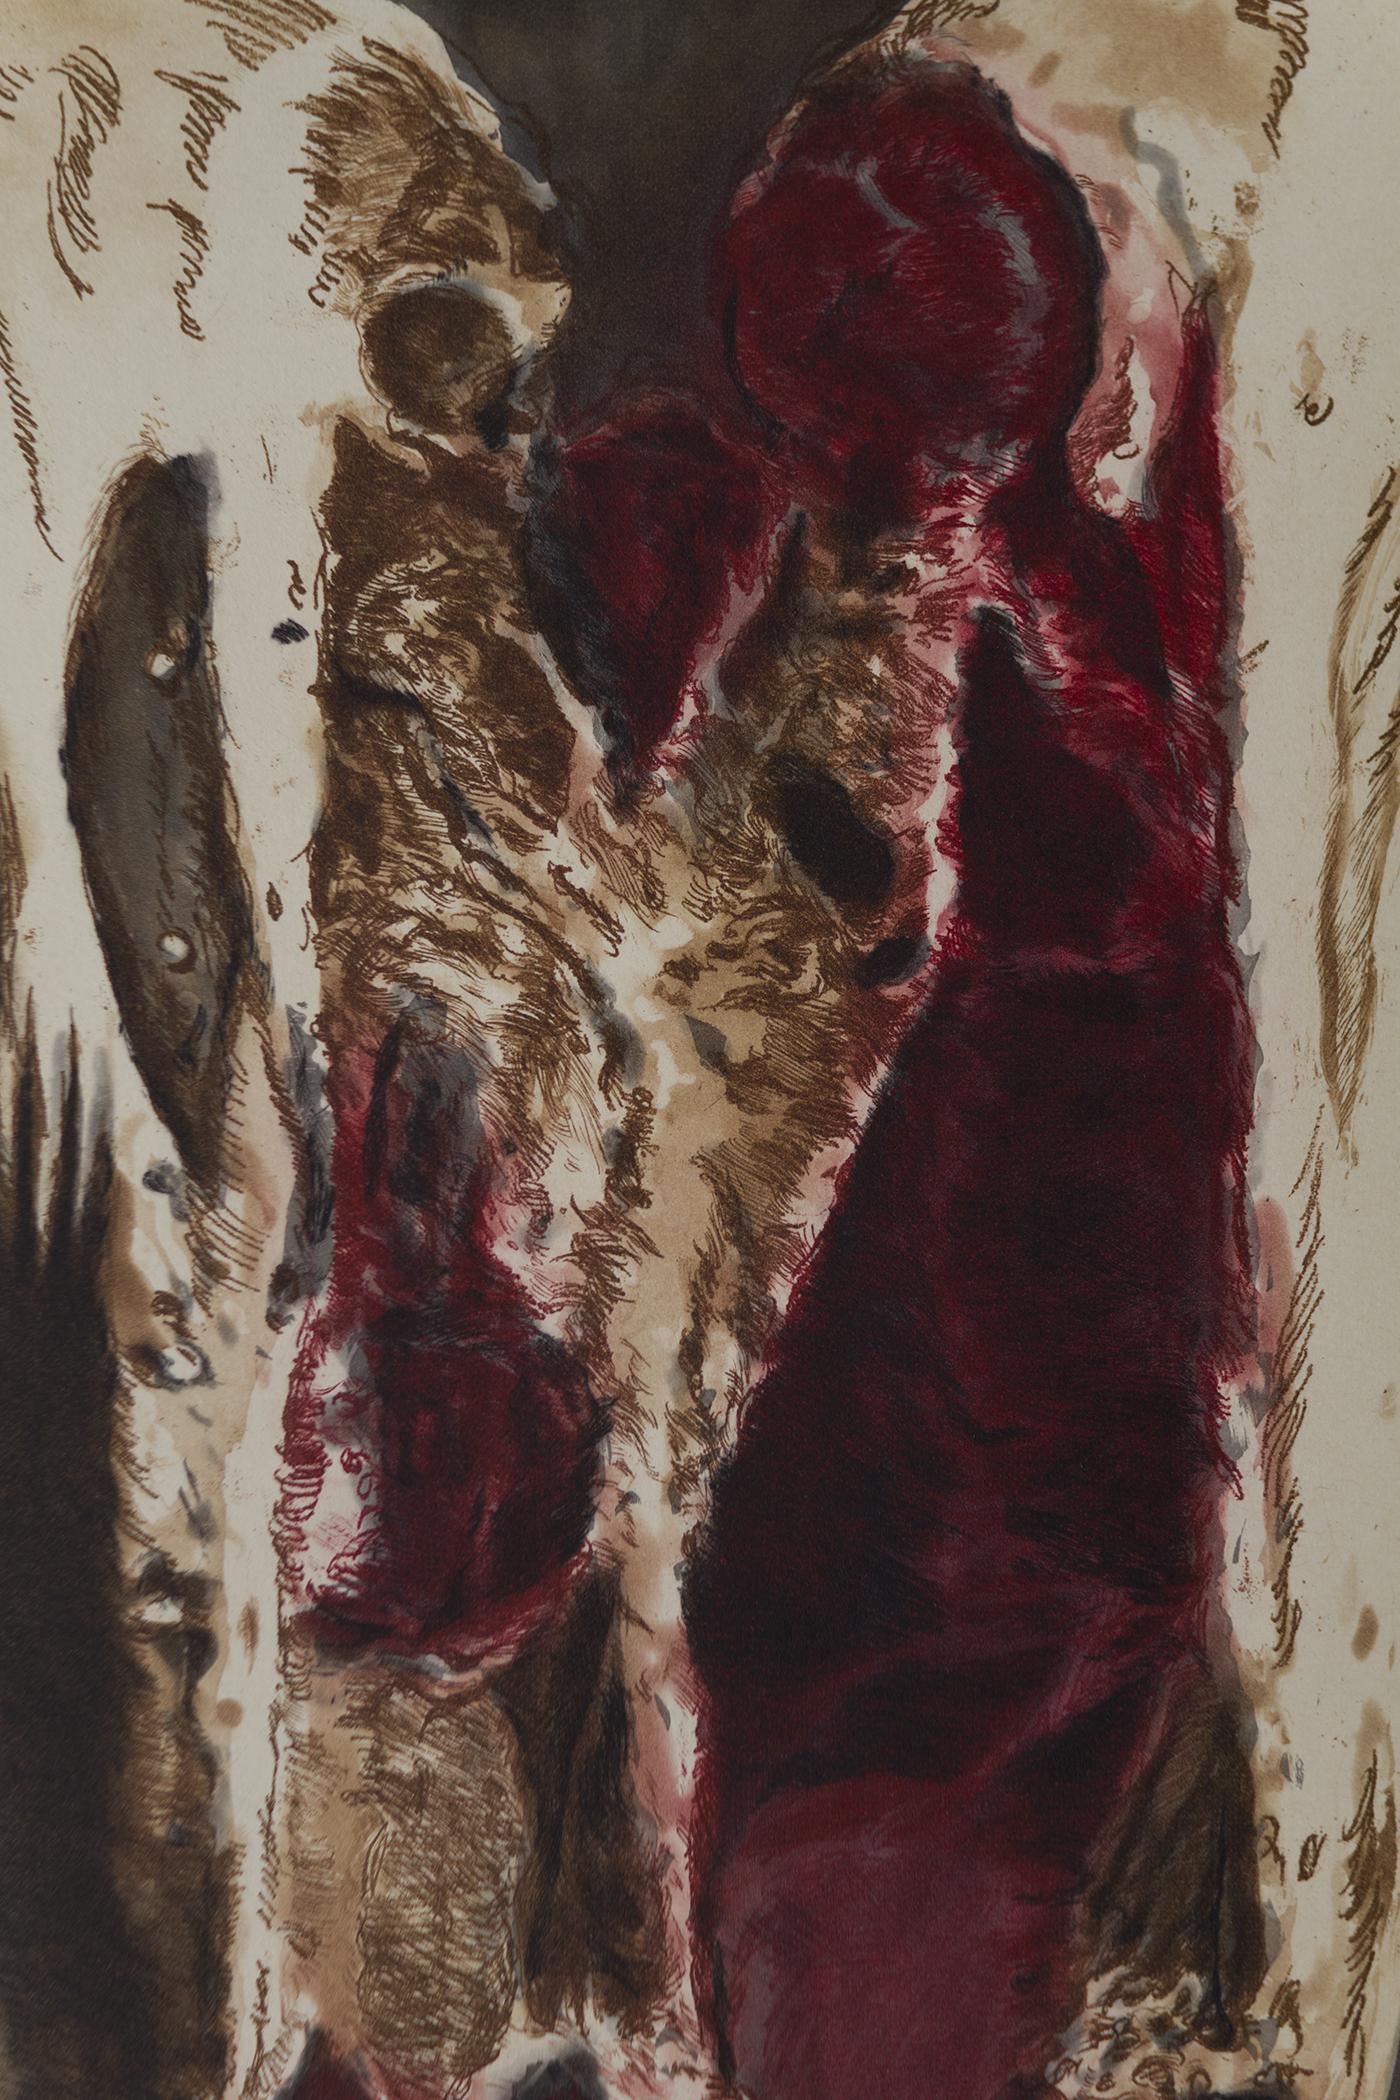 Carcass ( detail)